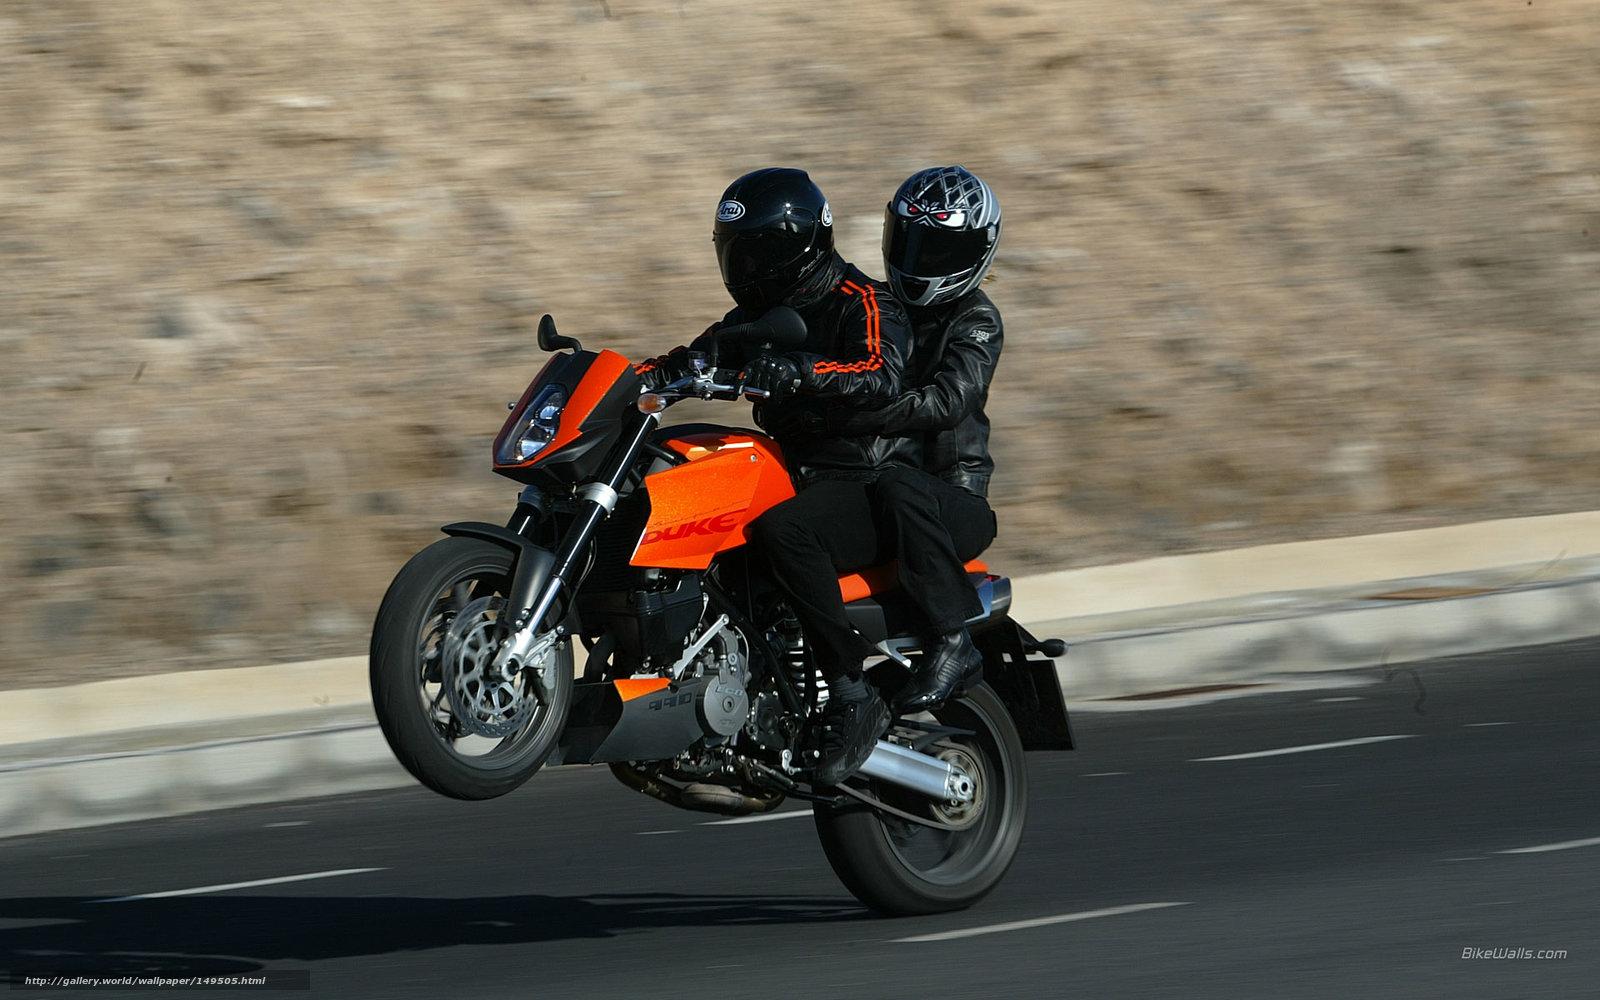 одну картинки спортивных мотоциклов с пацанами его словам